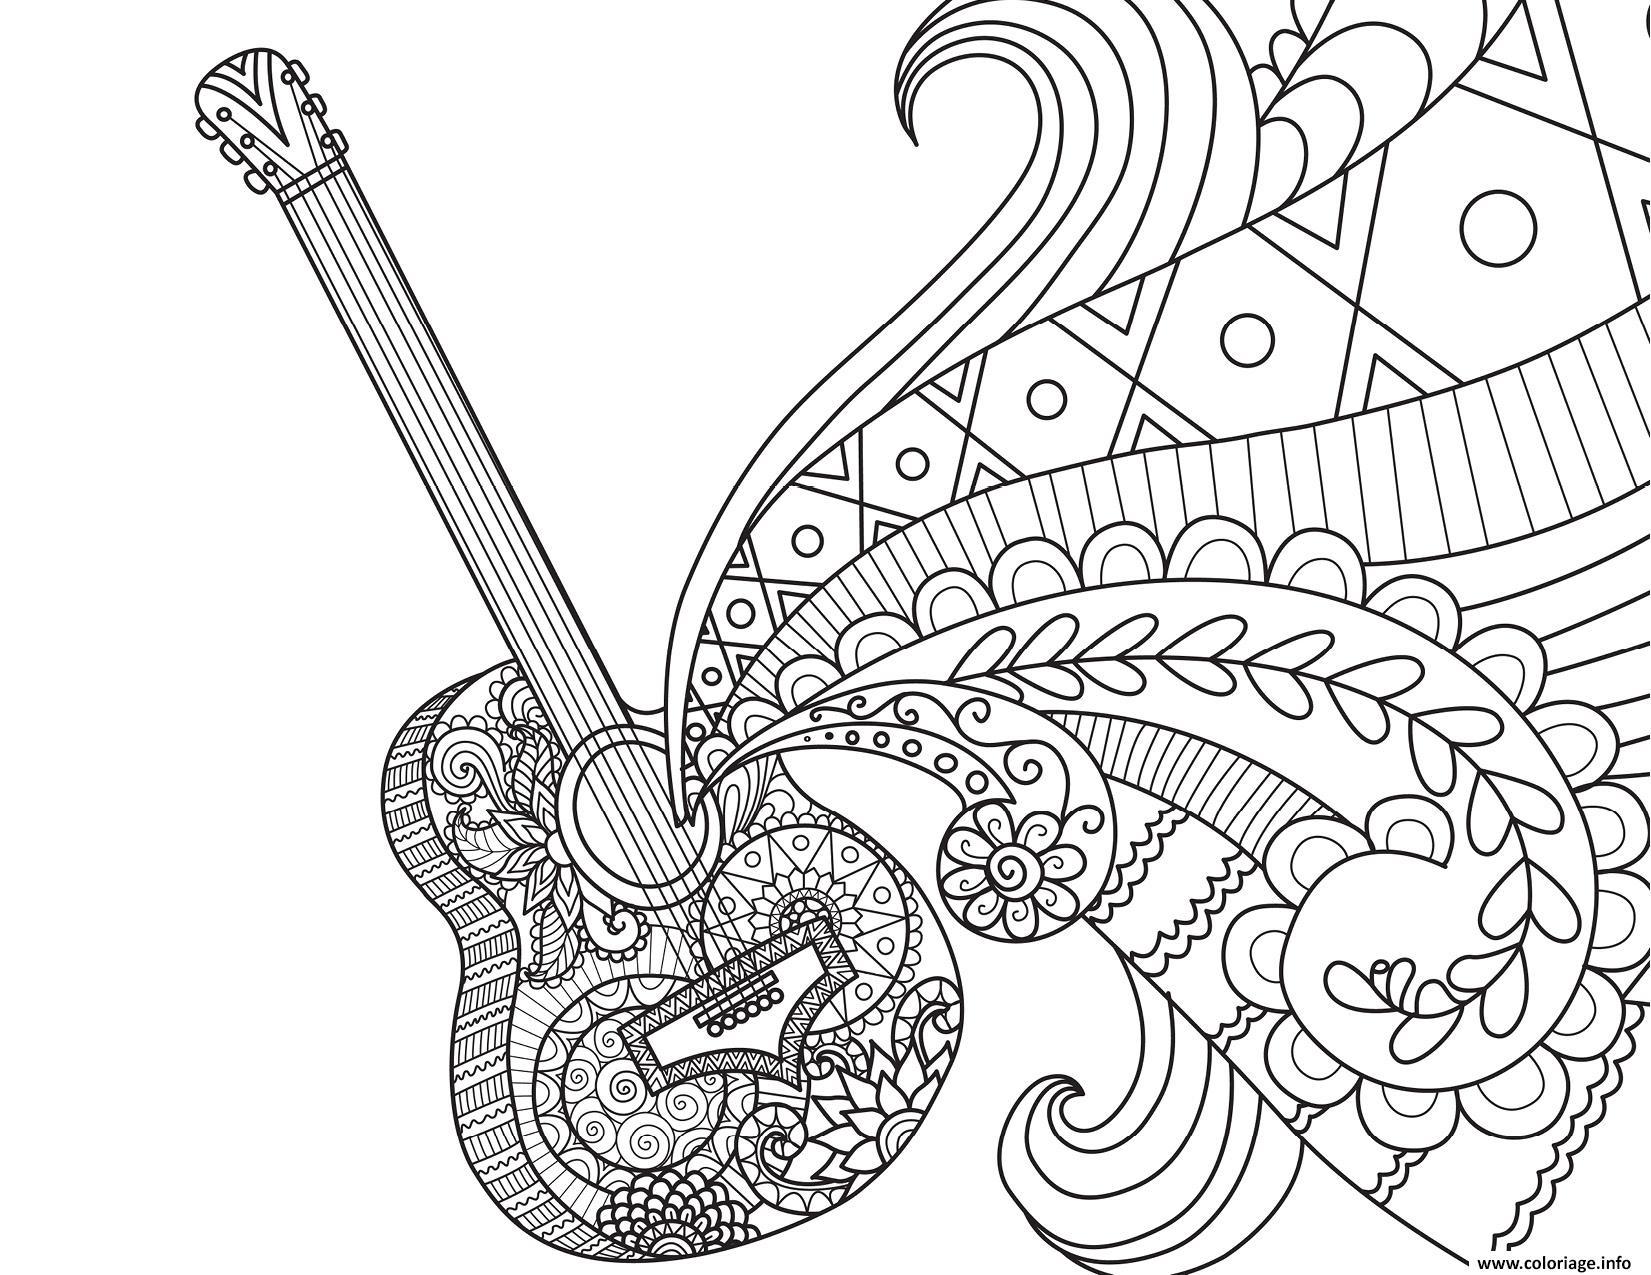 Dessin coco disney guitare de miguel par bimbimkha Coloriage Gratuit à Imprimer